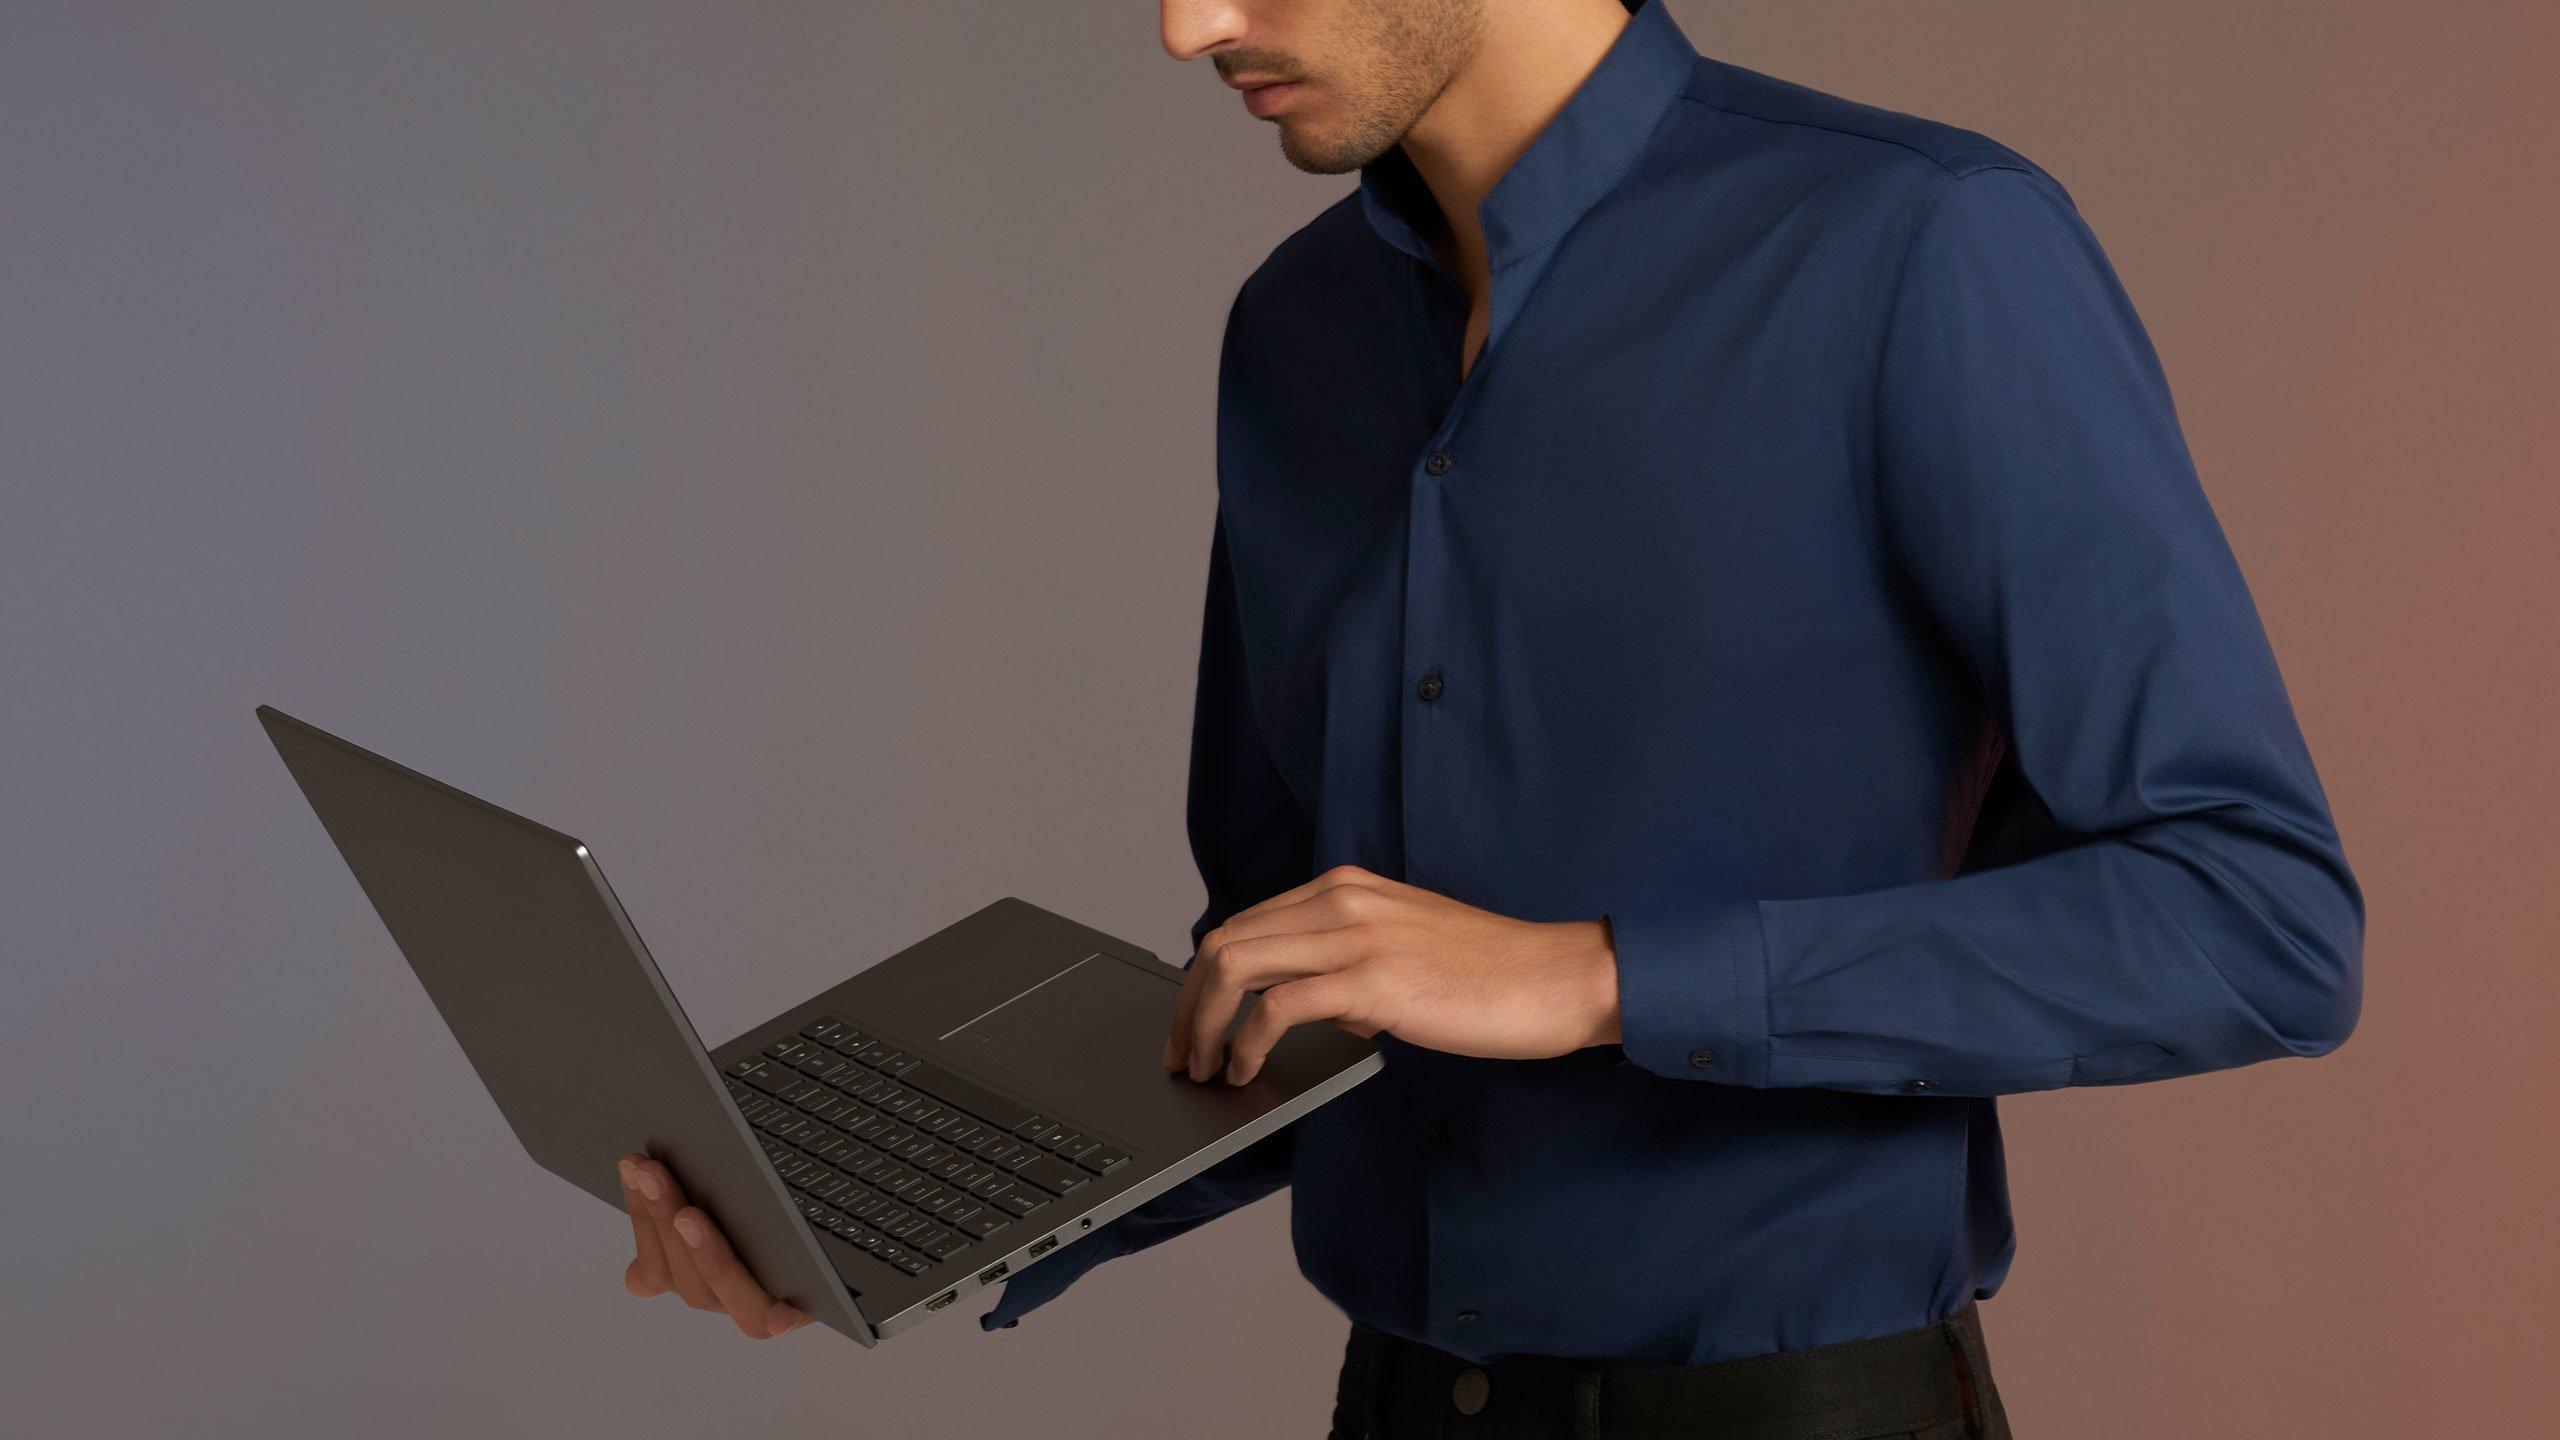 Xiaomi Mi Notebook Pro Gtx 15 6 I7 256gb 8gb Gtx 1050 Max Q Grey